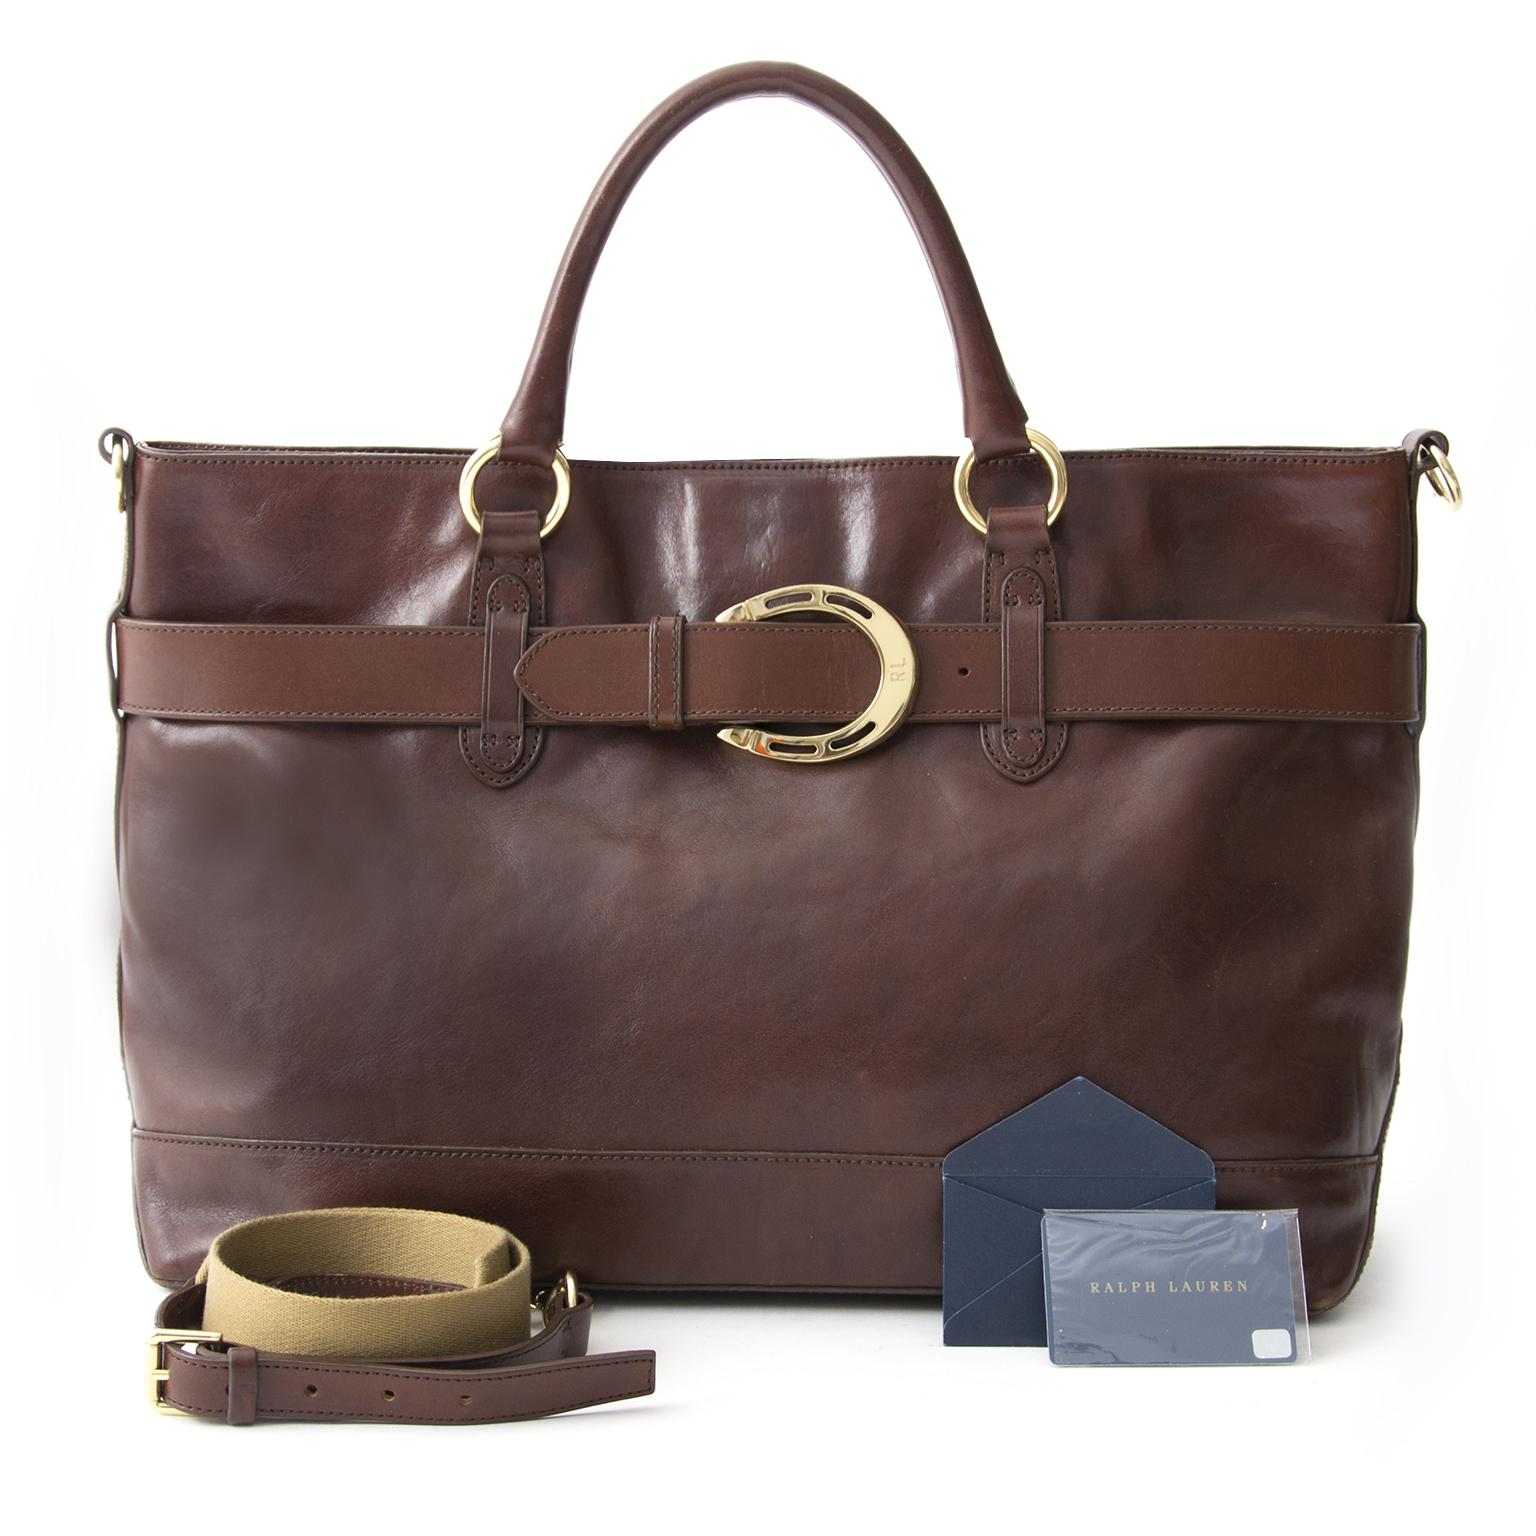 934f242b66a4 koop veilig online 100% authentieke tweedehands merktassen Ralph Lauren  Burgundy Handbag acheter en linge pour le meilleur prix sac a main Ralph  Lauren ...